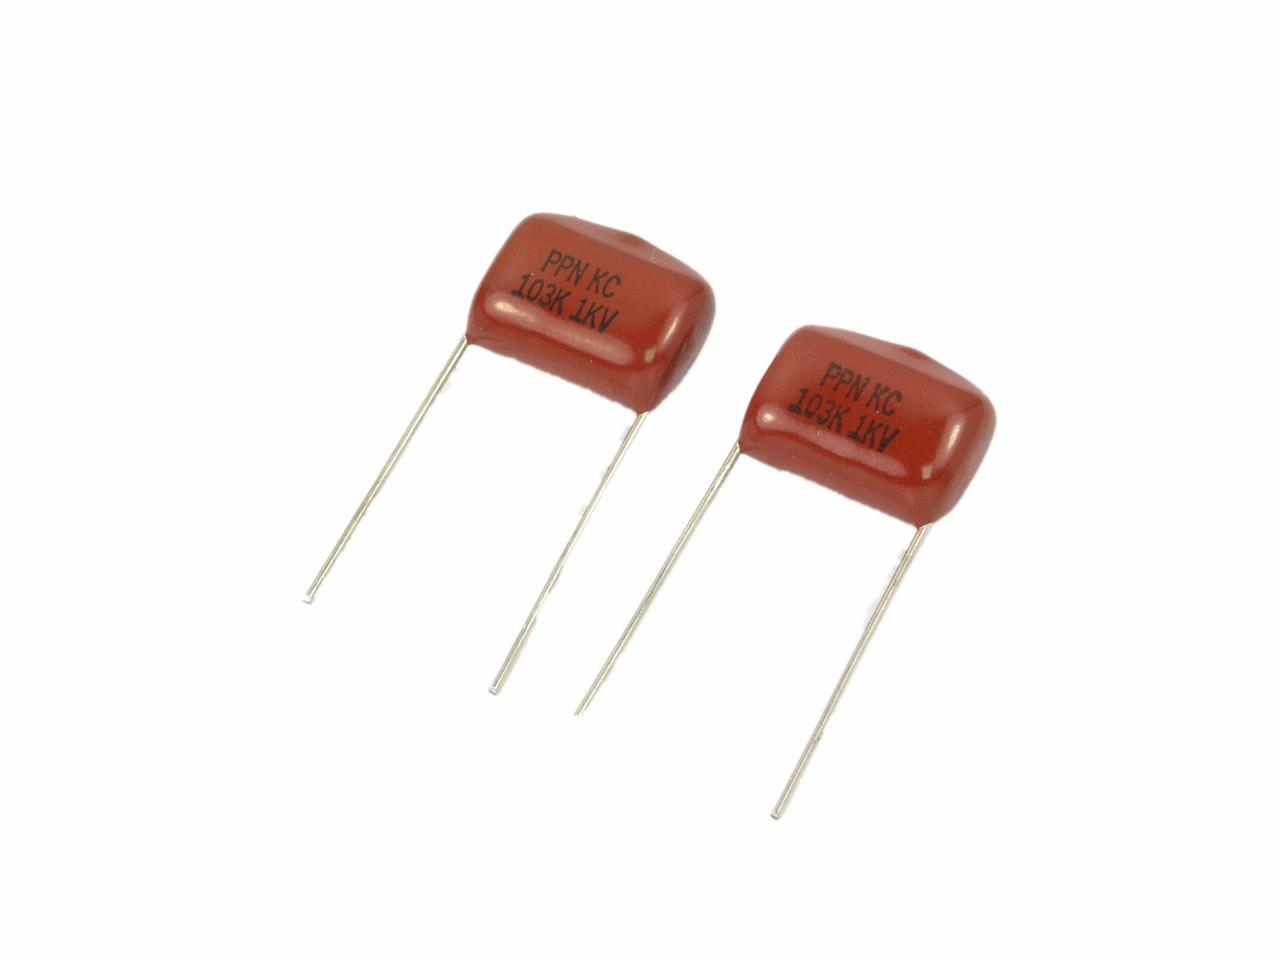 CBB-21 M-Полипропилен 0,015mkf(150nf)-250 VAC (±10%)  P:10mm (SX)